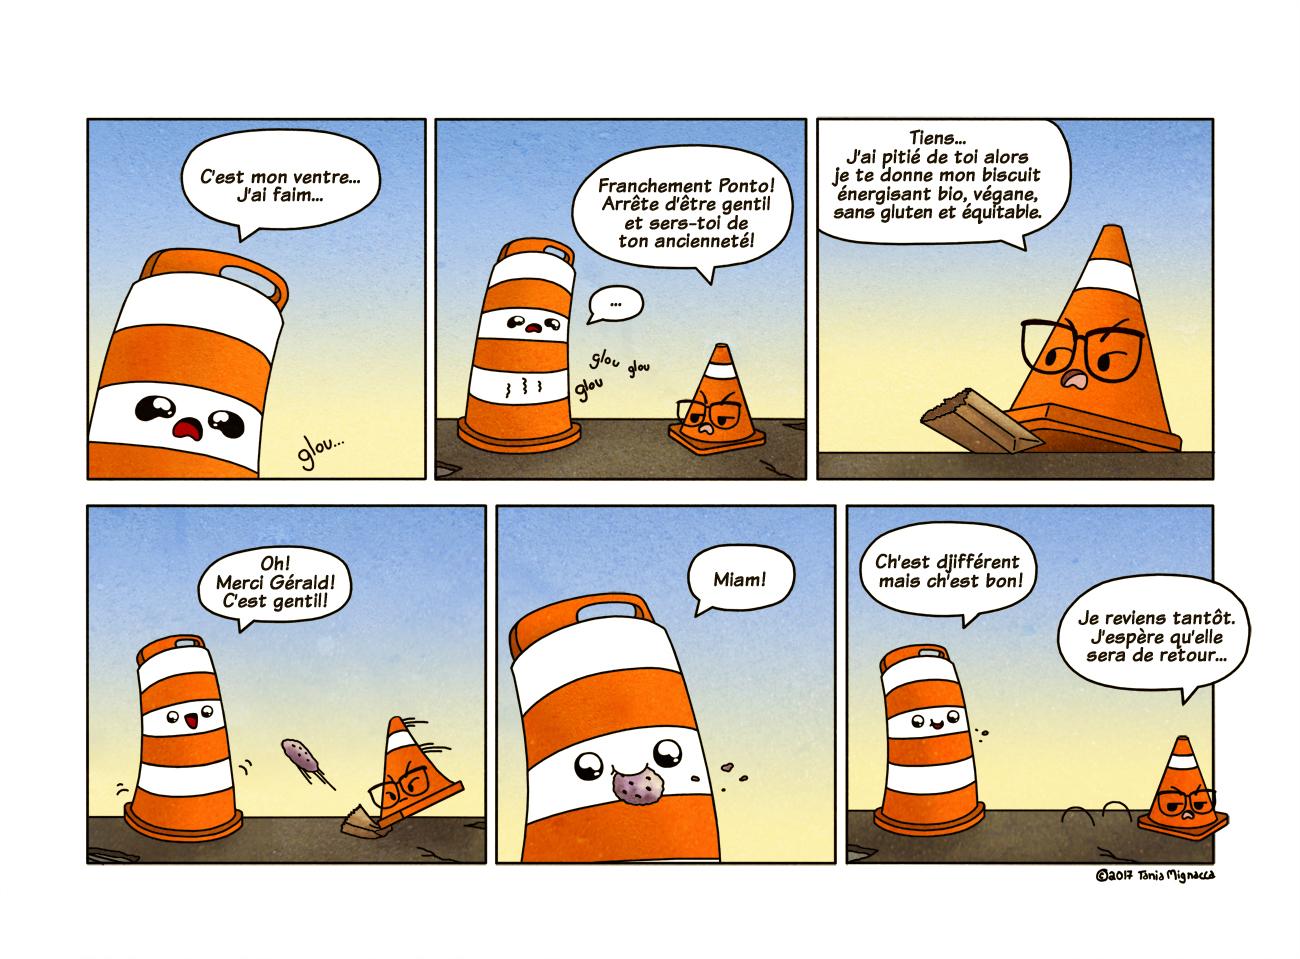 Équitable (Page 236)